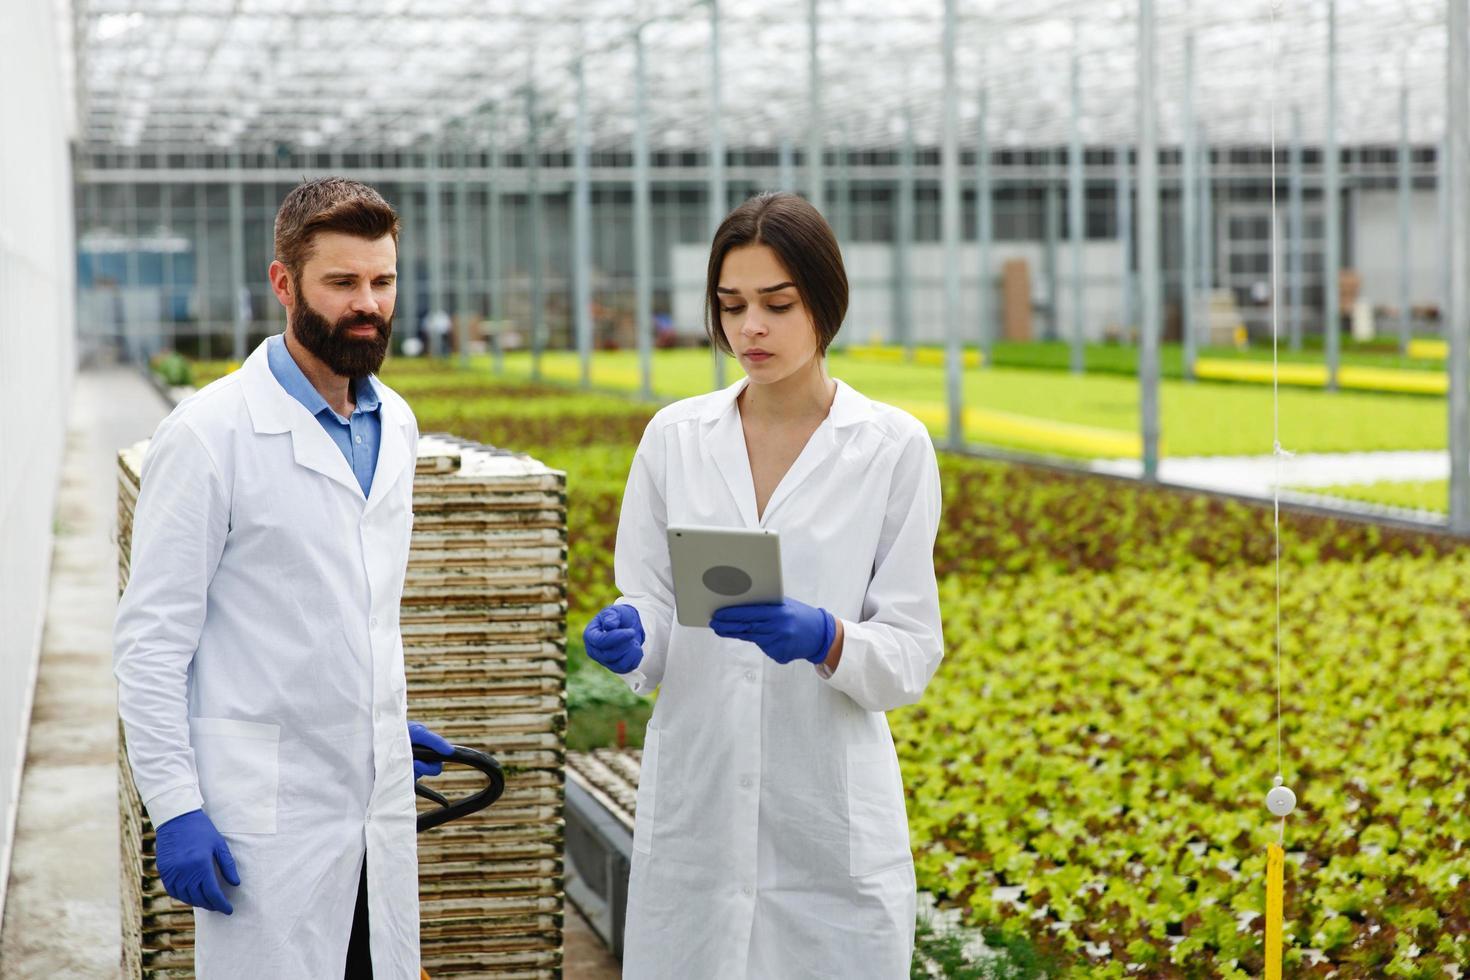 twee onderzoekers in laboratoriumjassen lopen met een tablet door de kas foto